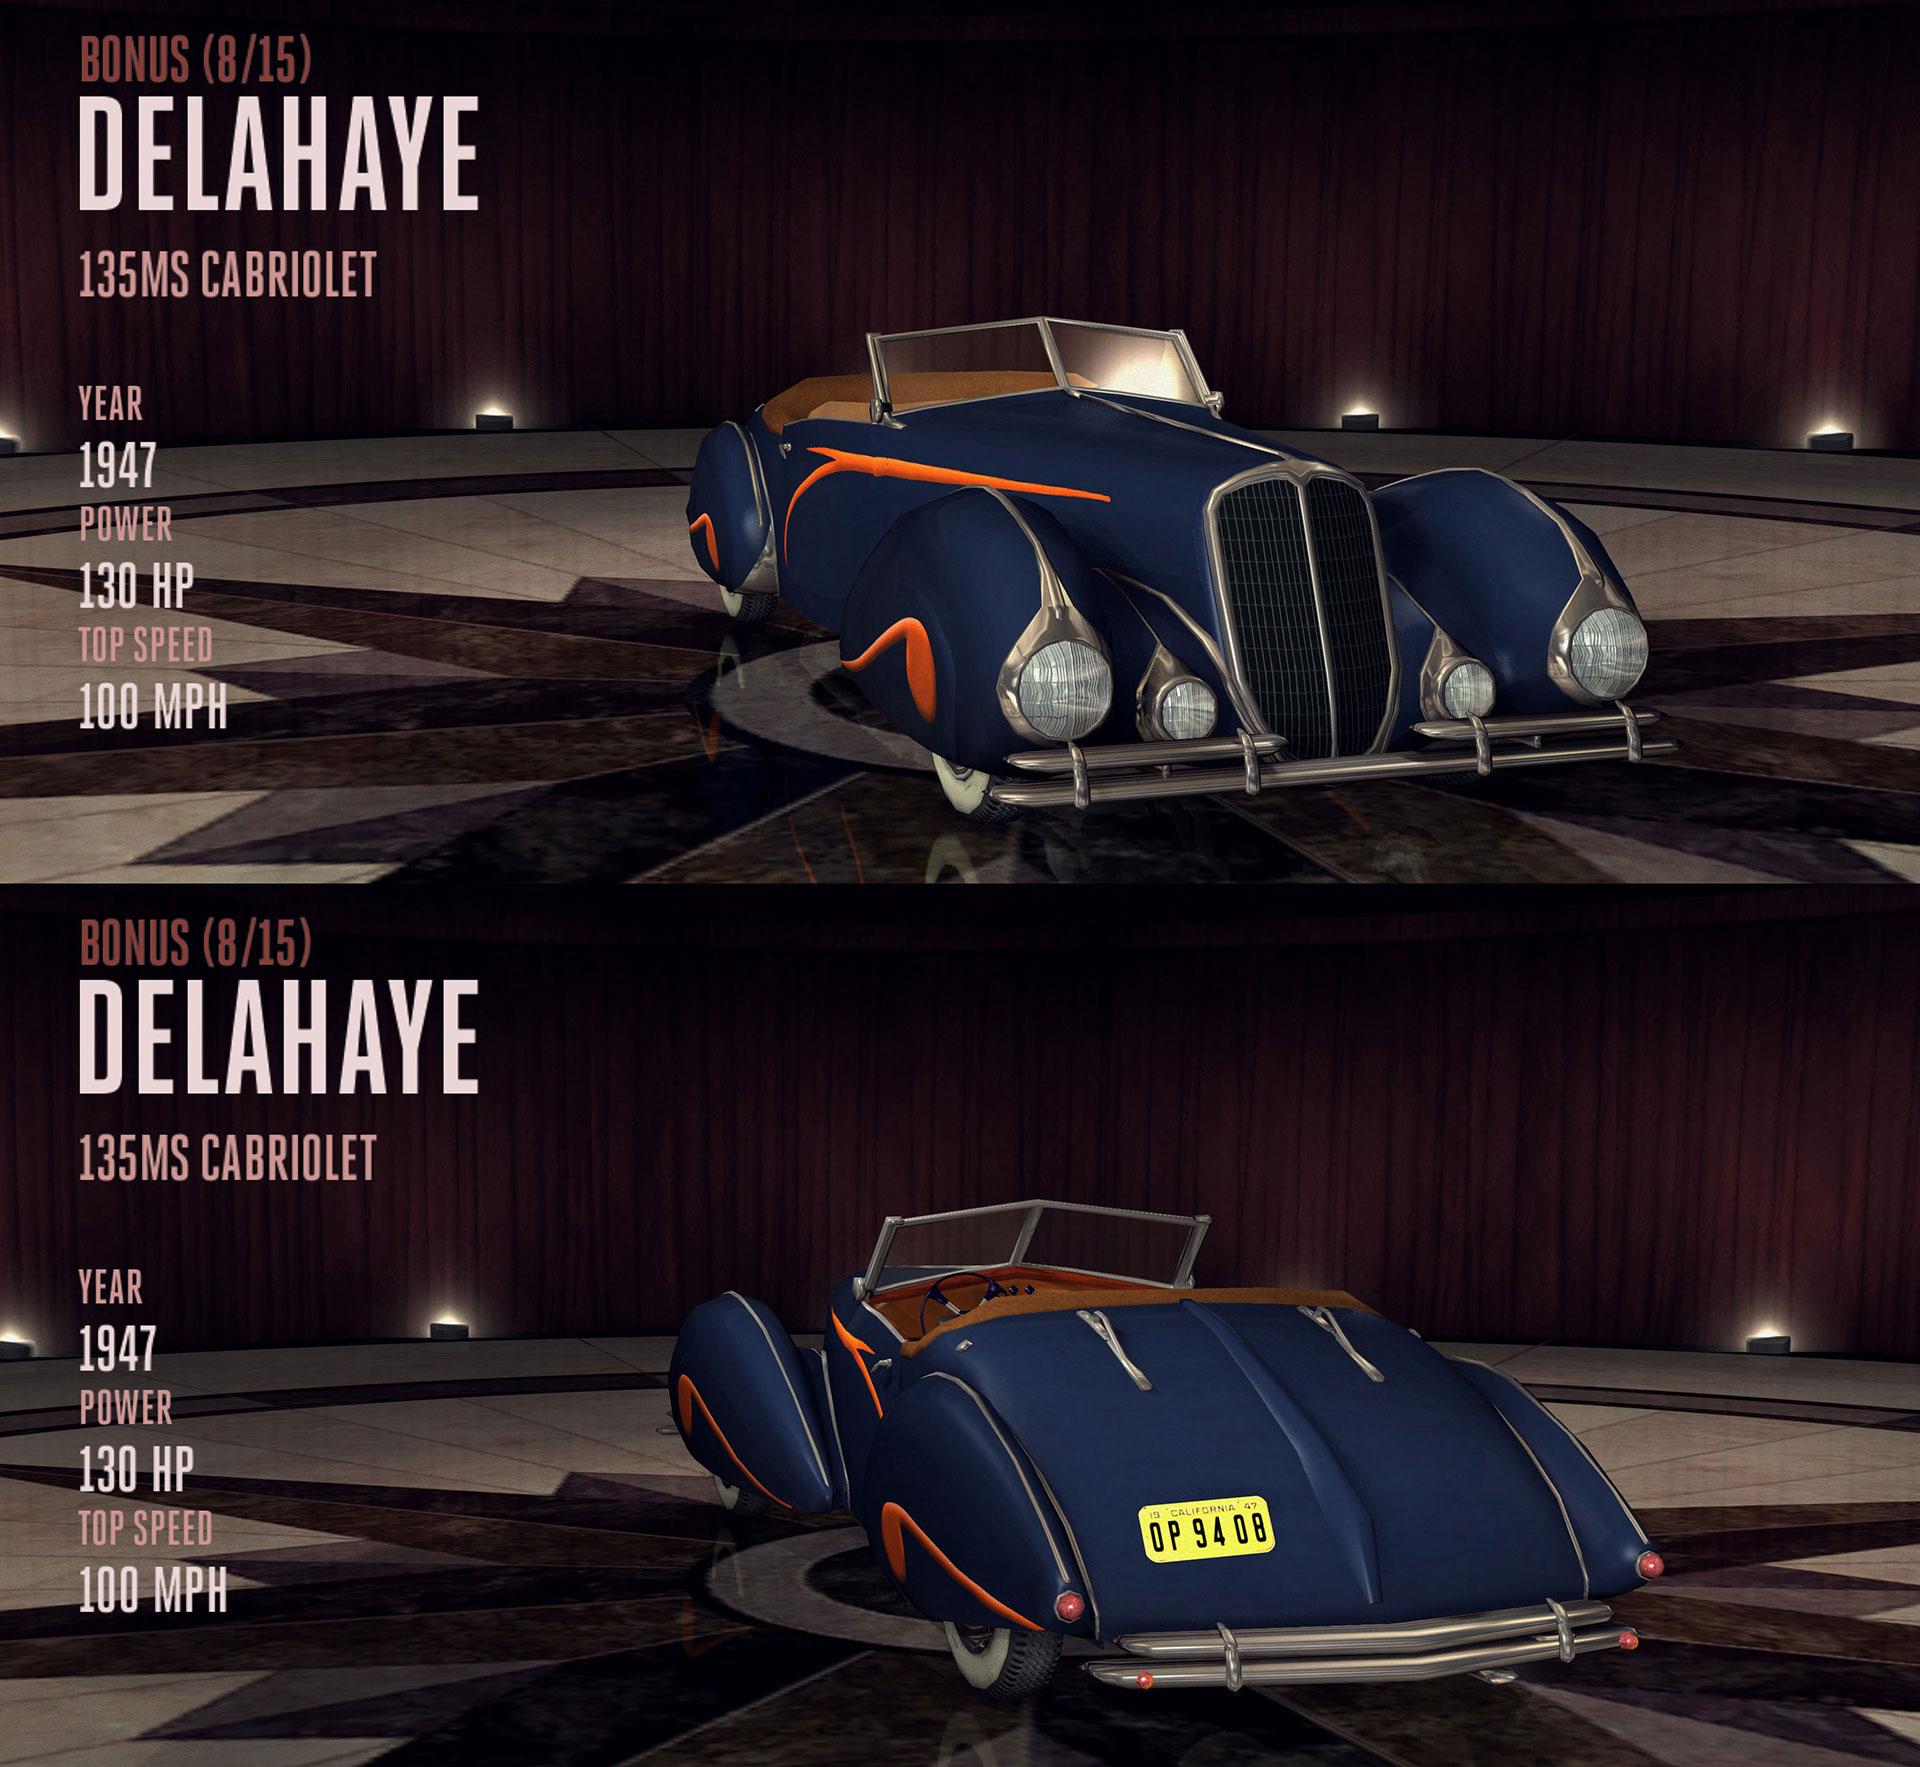 Delahaye 135MS Cabriolet